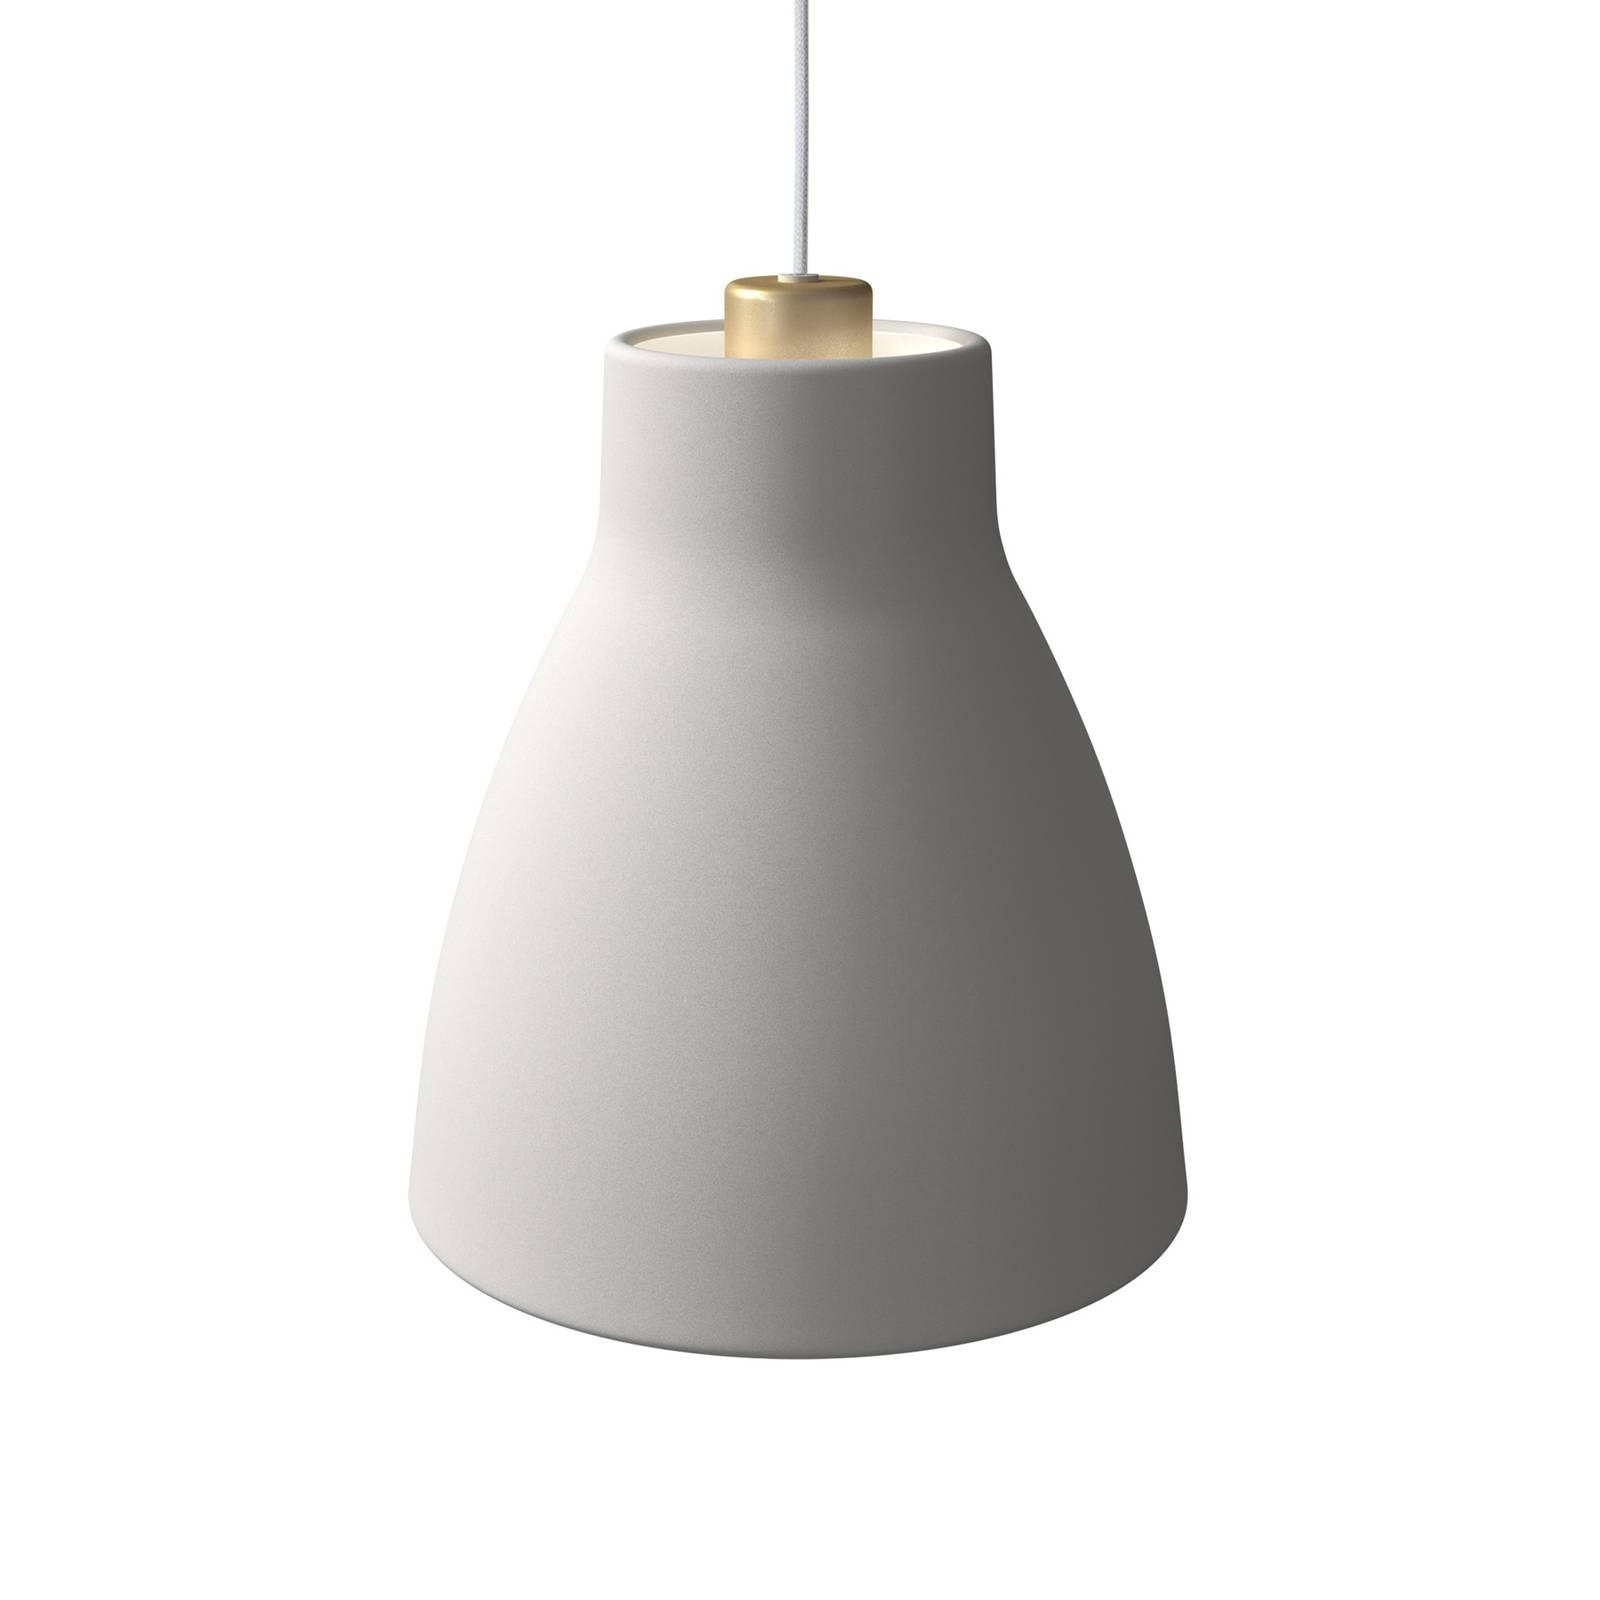 Pendelleuchte Gong, Ø 25 cm, weiß